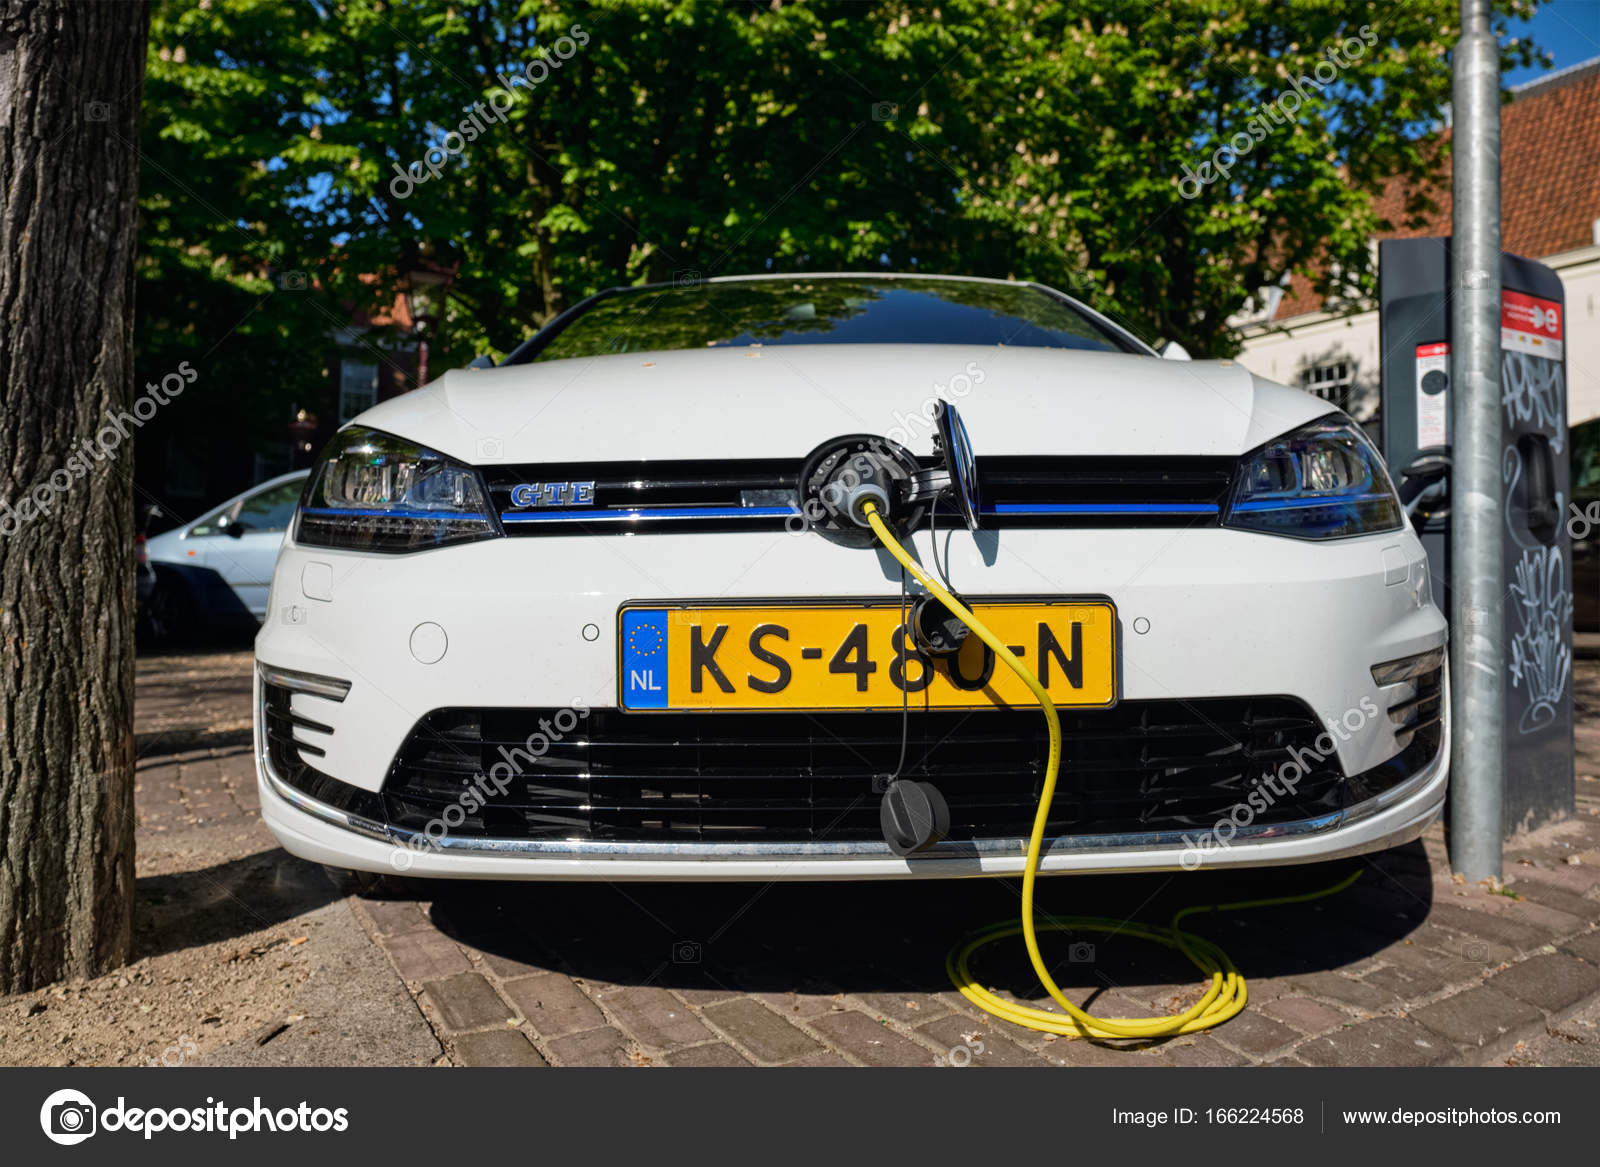 Volkswagen Golf Gte Benzine Elektrische Hybride Auto In De Straat In